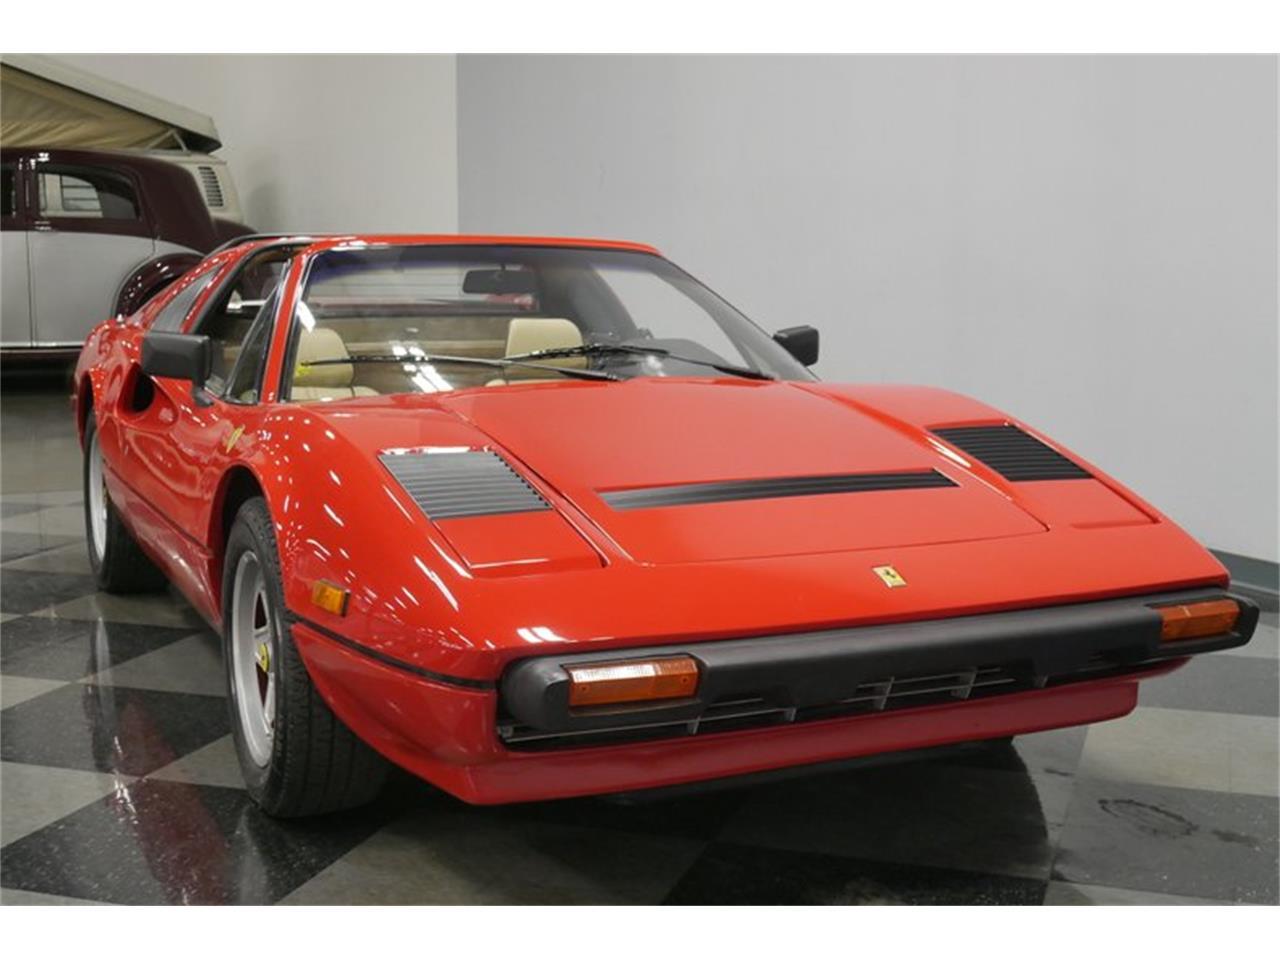 Large Picture of '84 308 - $59,995.00 - QT5D